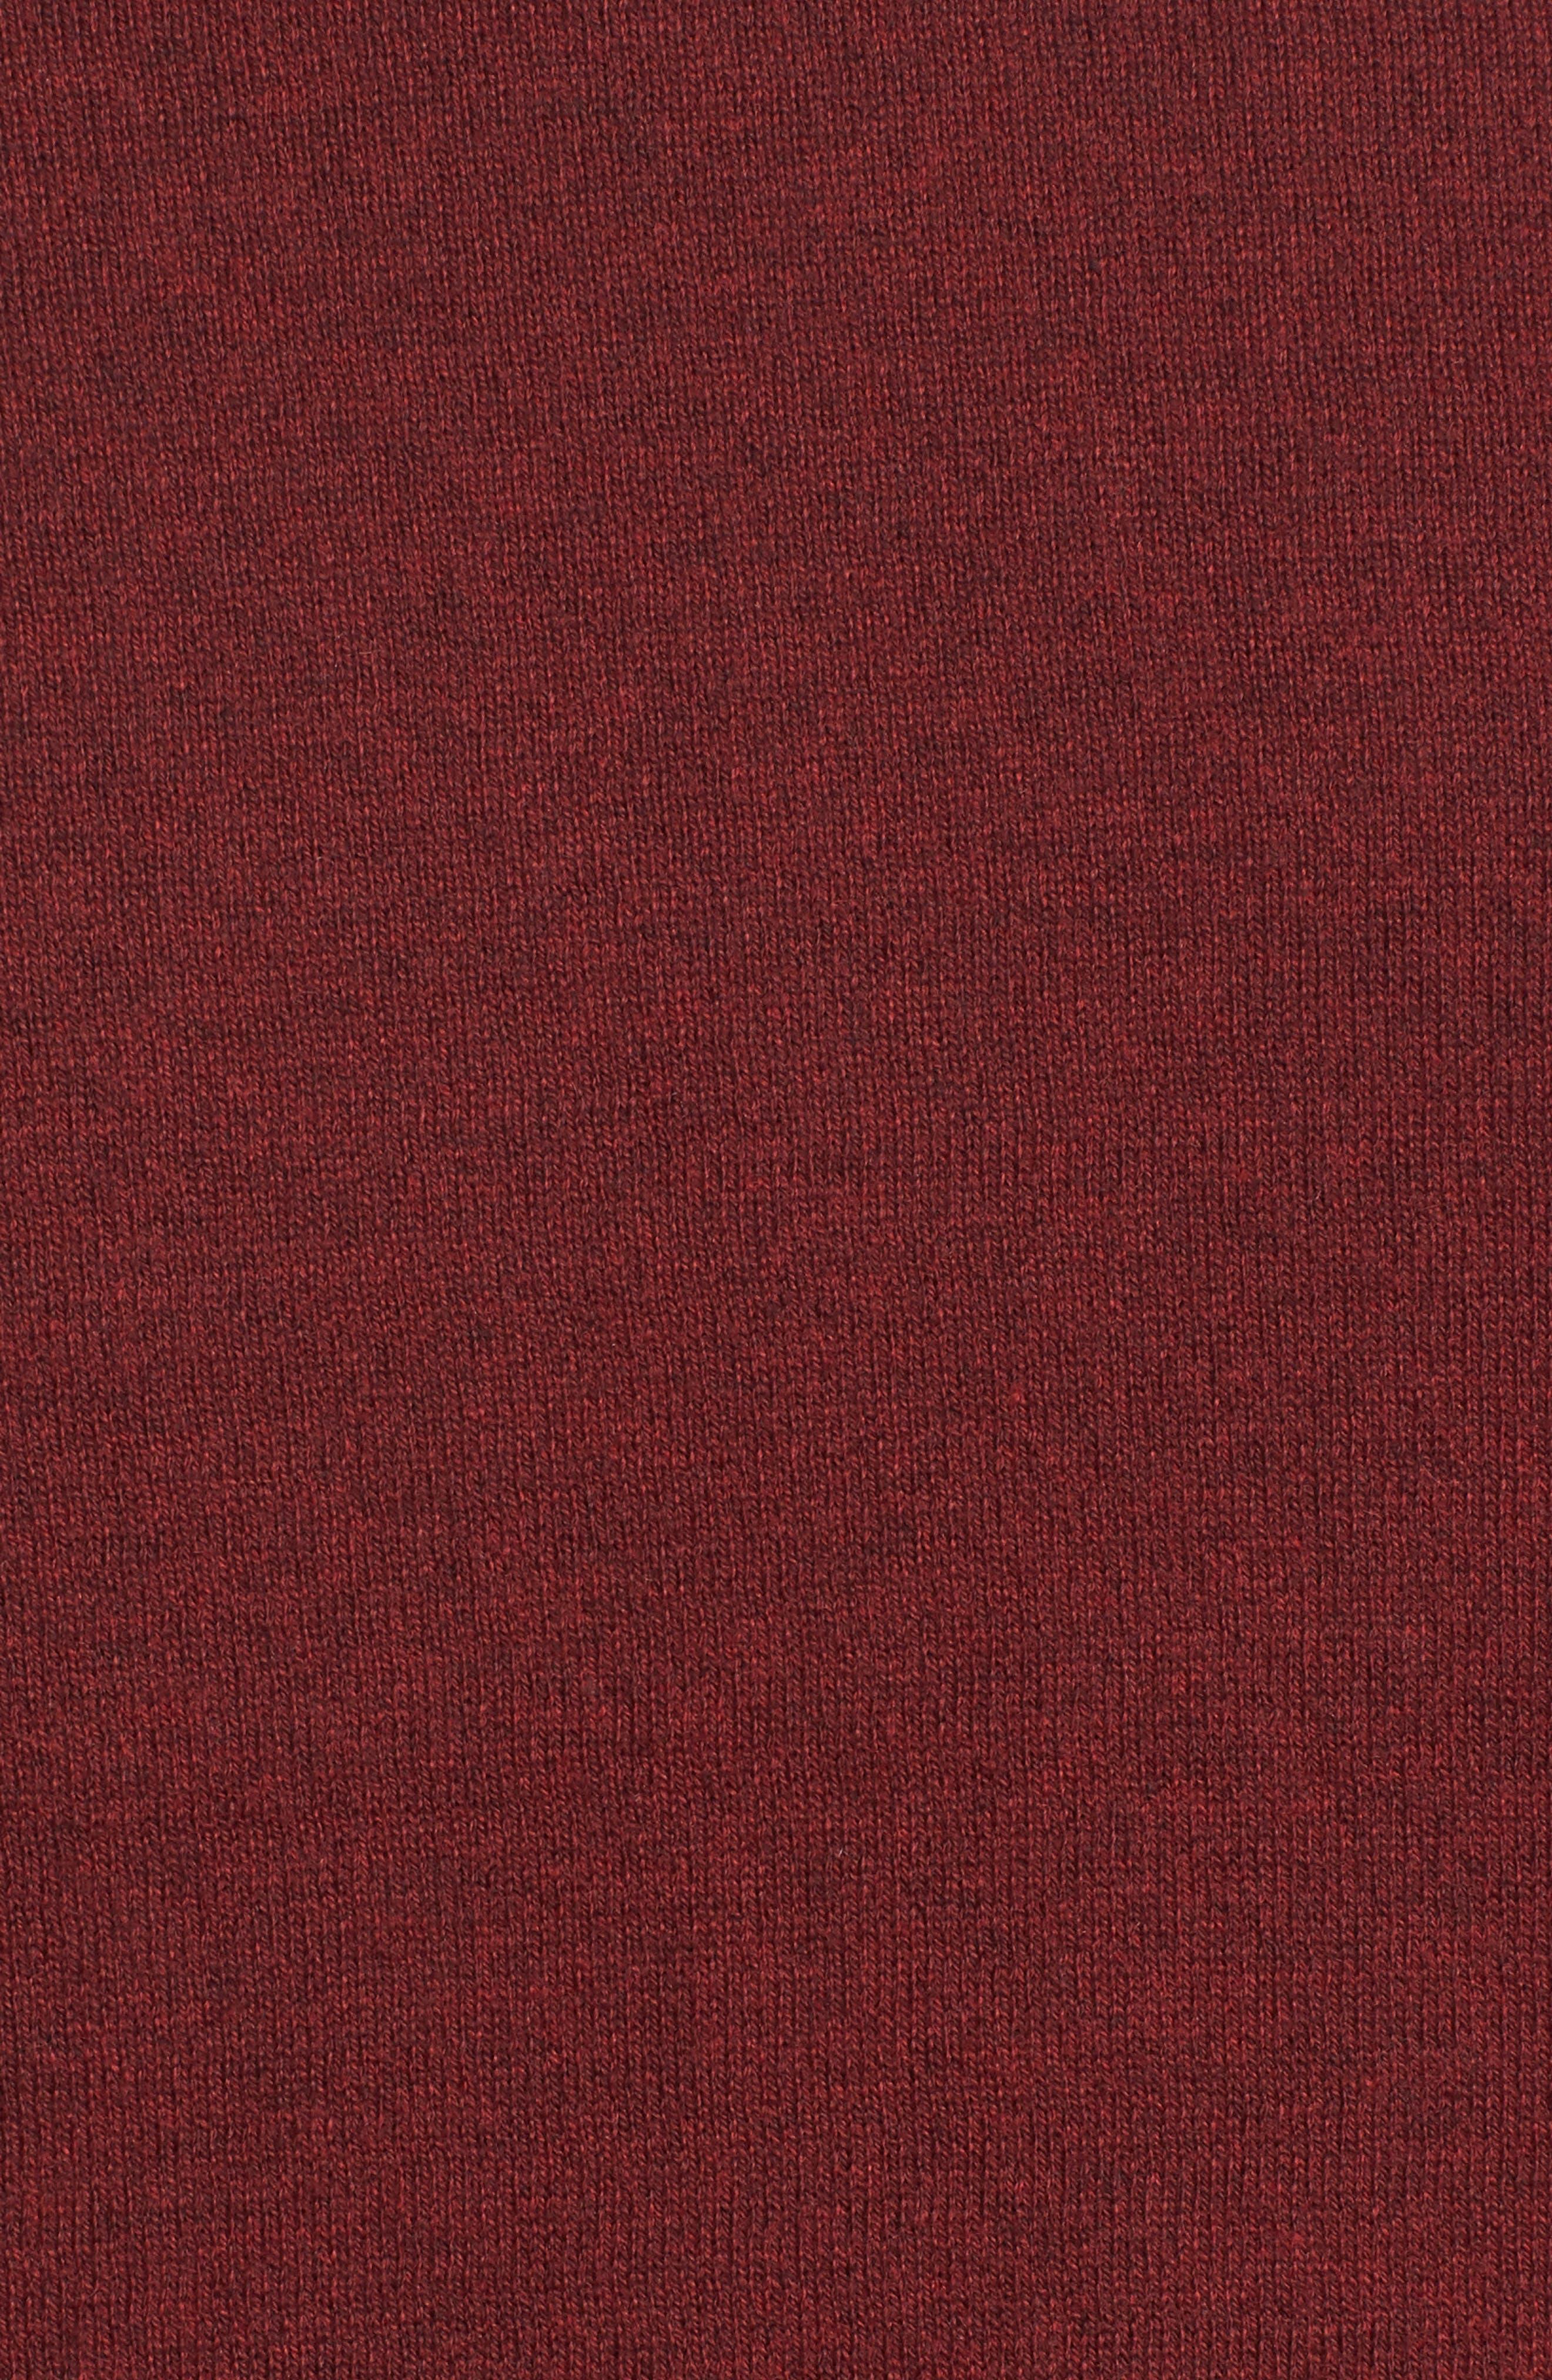 Saddle Shoulder Cotton & Cashmere V-Neck Sweater,                             Alternate thumbnail 40, color,